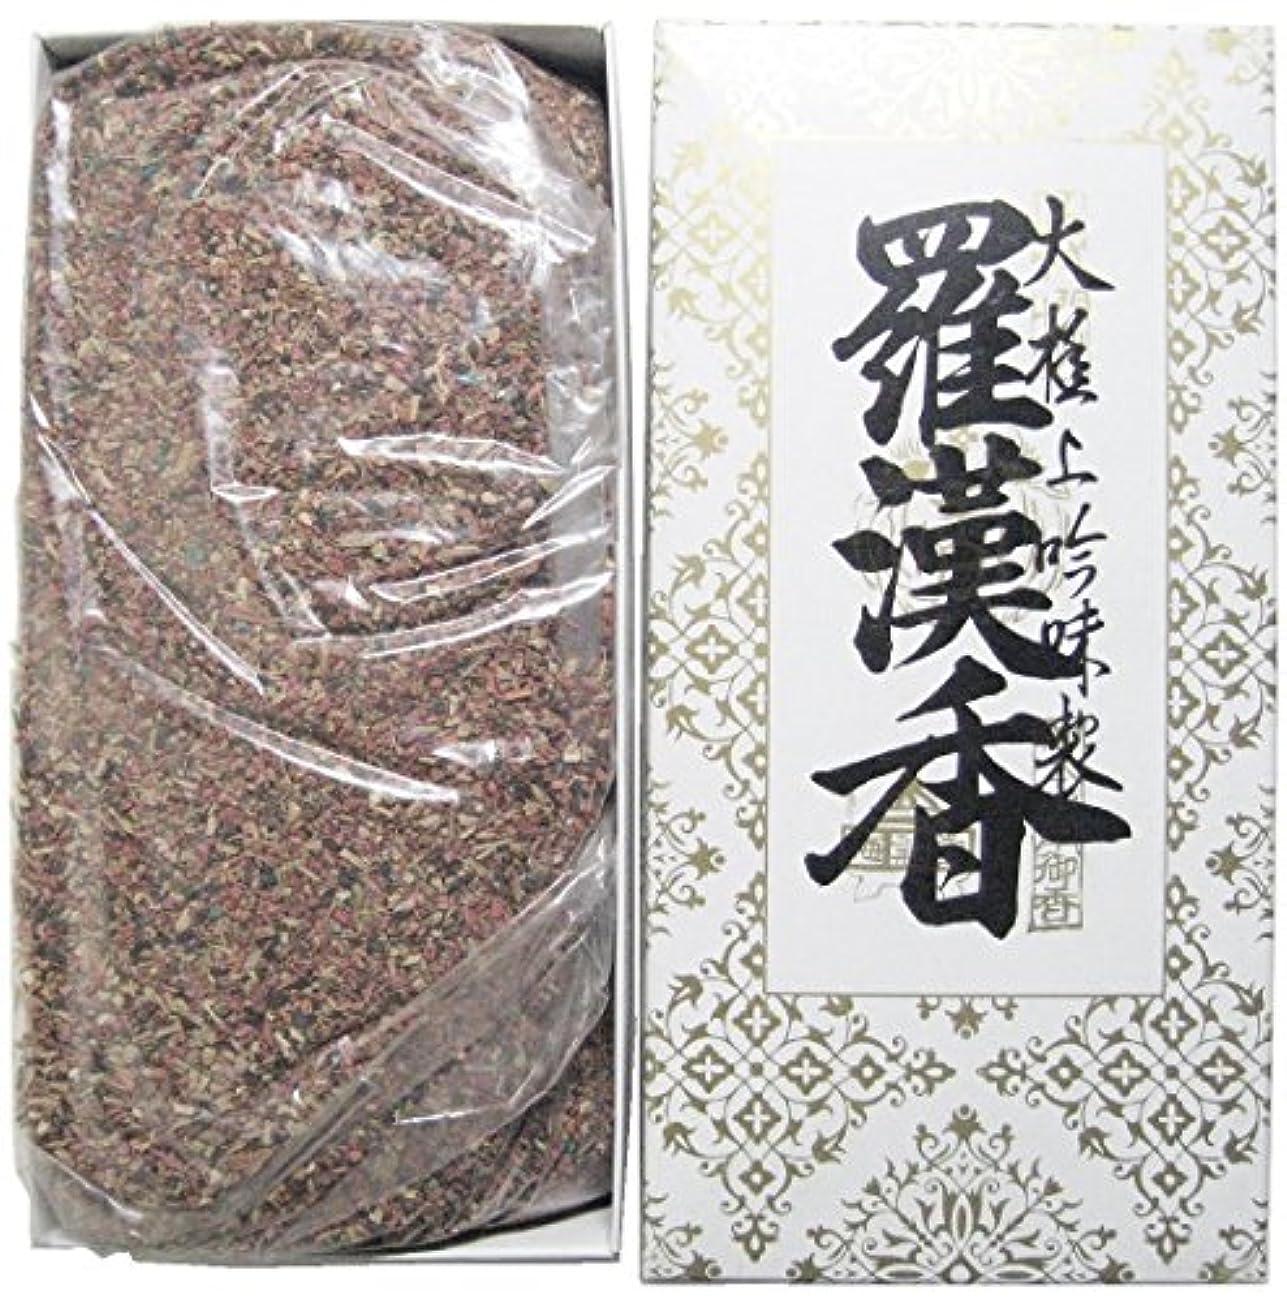 制限するラバ若者淡路梅薫堂のお香 羅漢香 500g #905